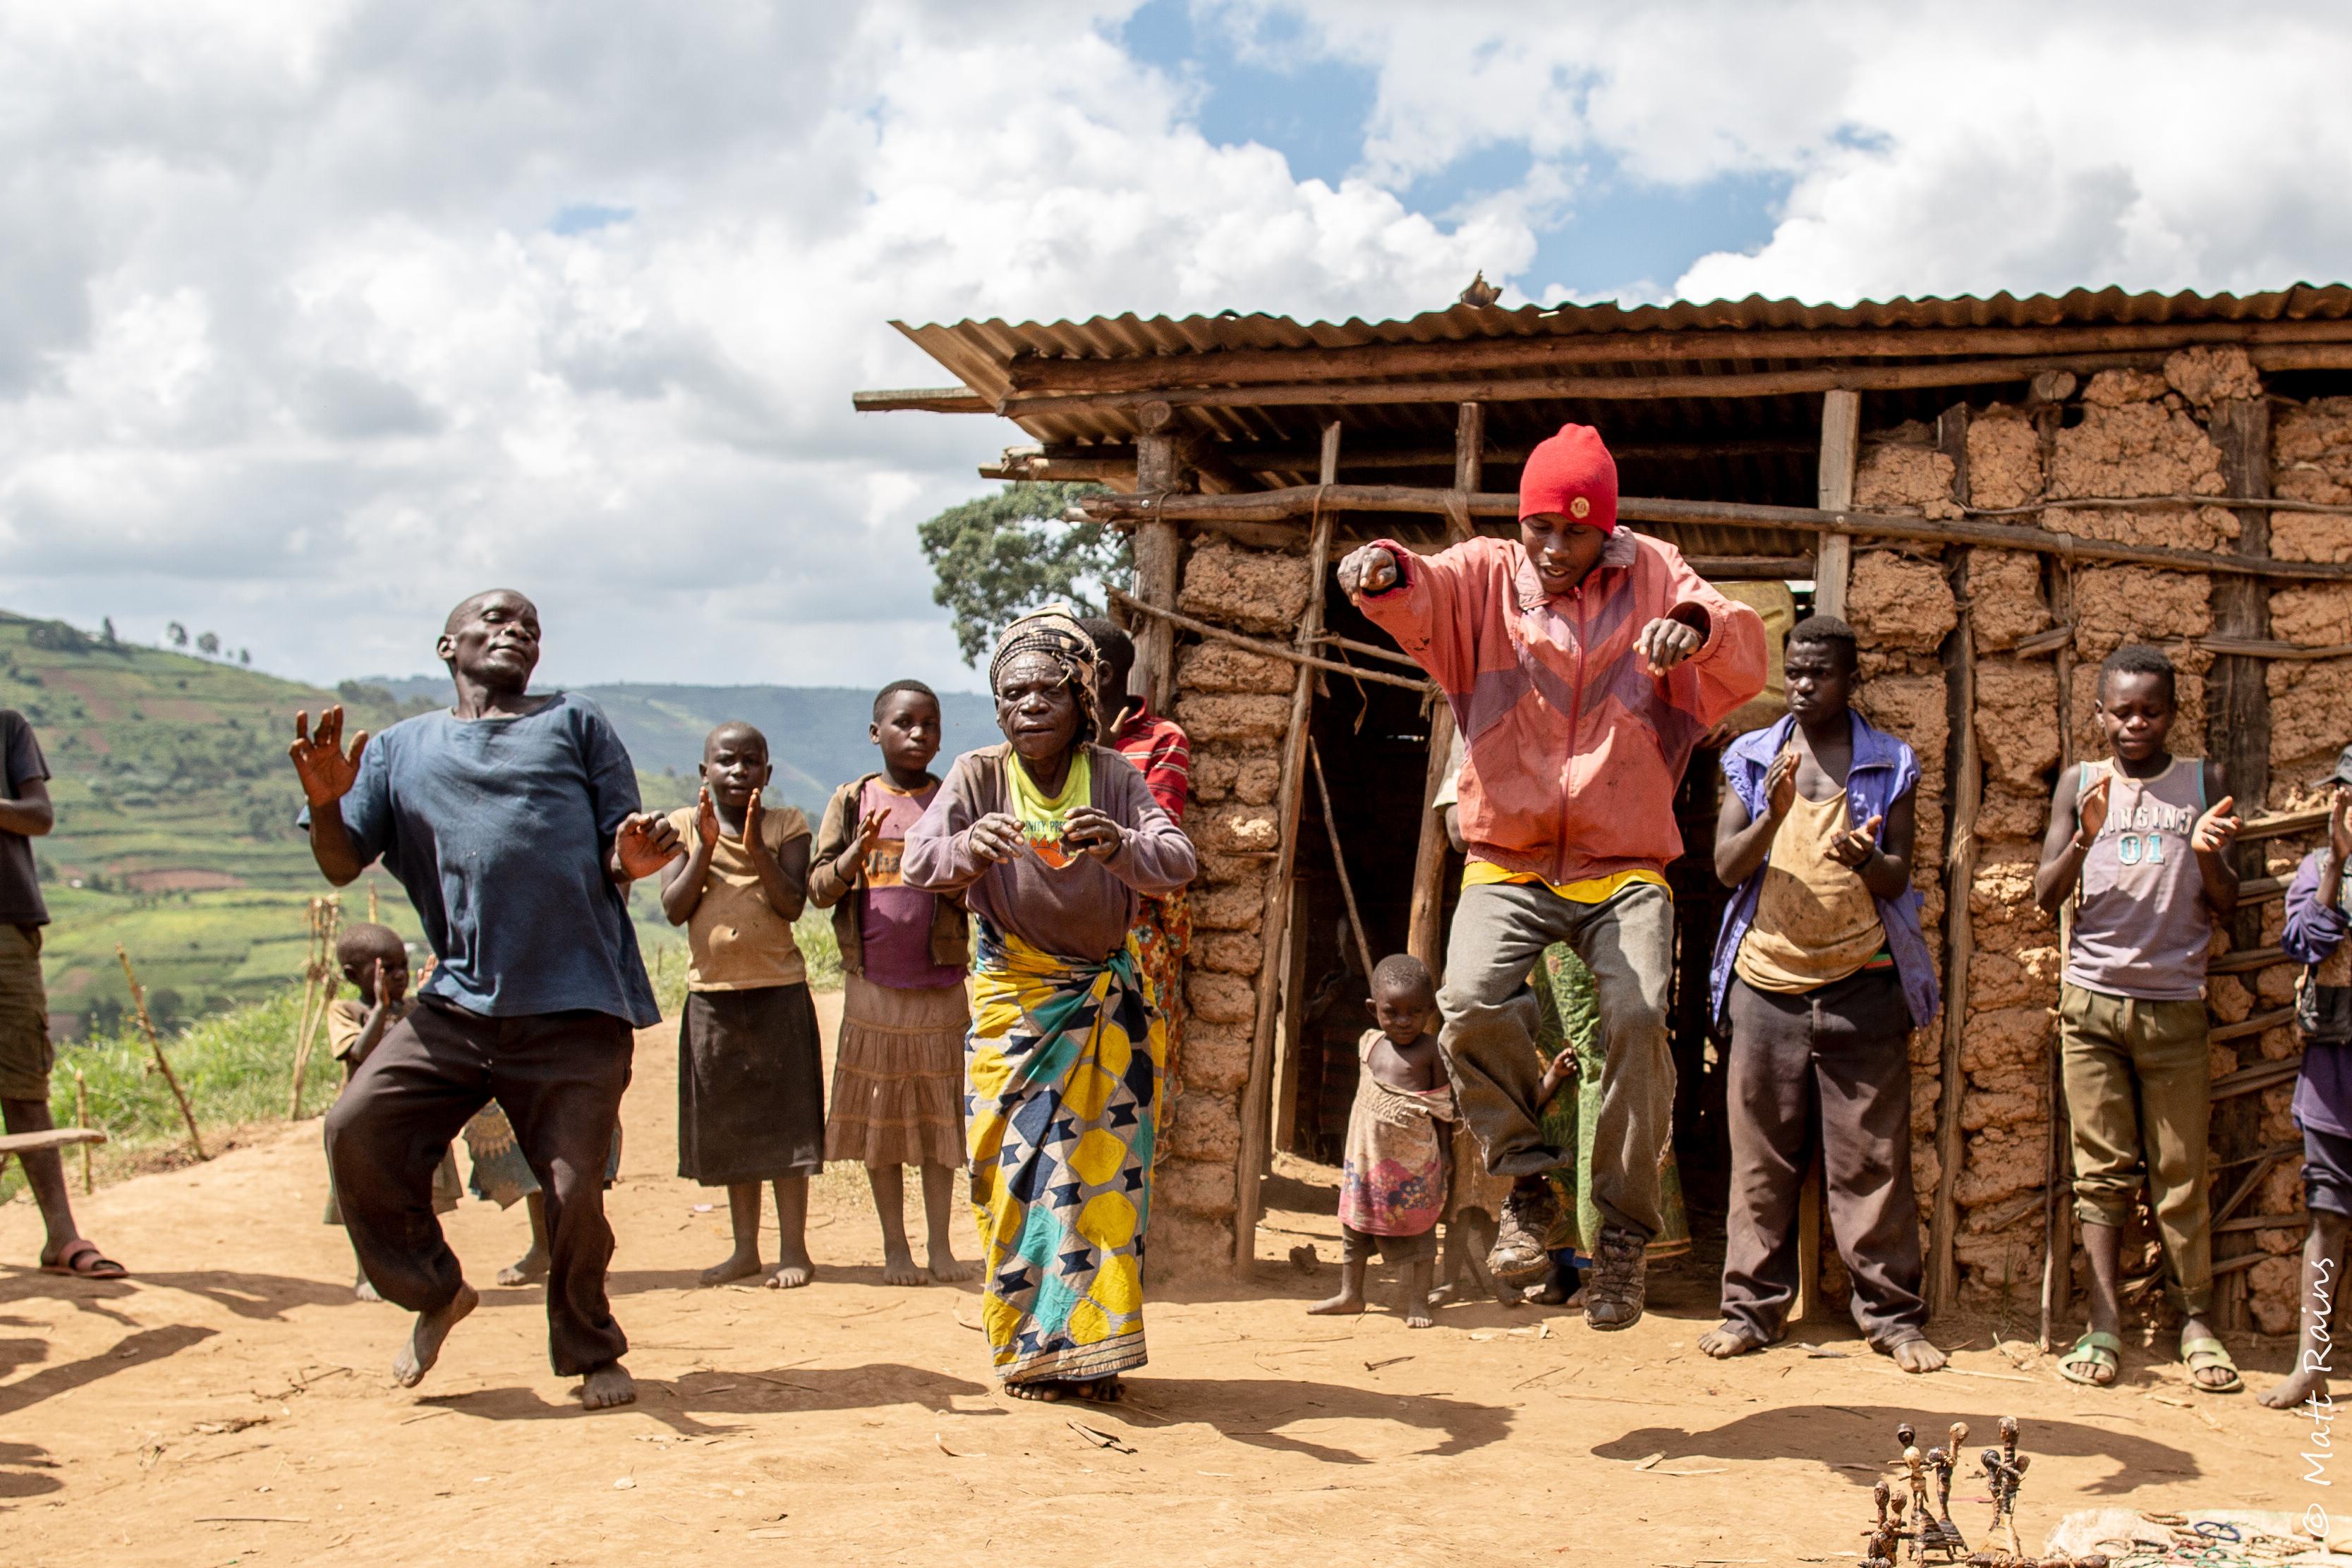 Uganda Entusi_Pygmies_June 2018-49